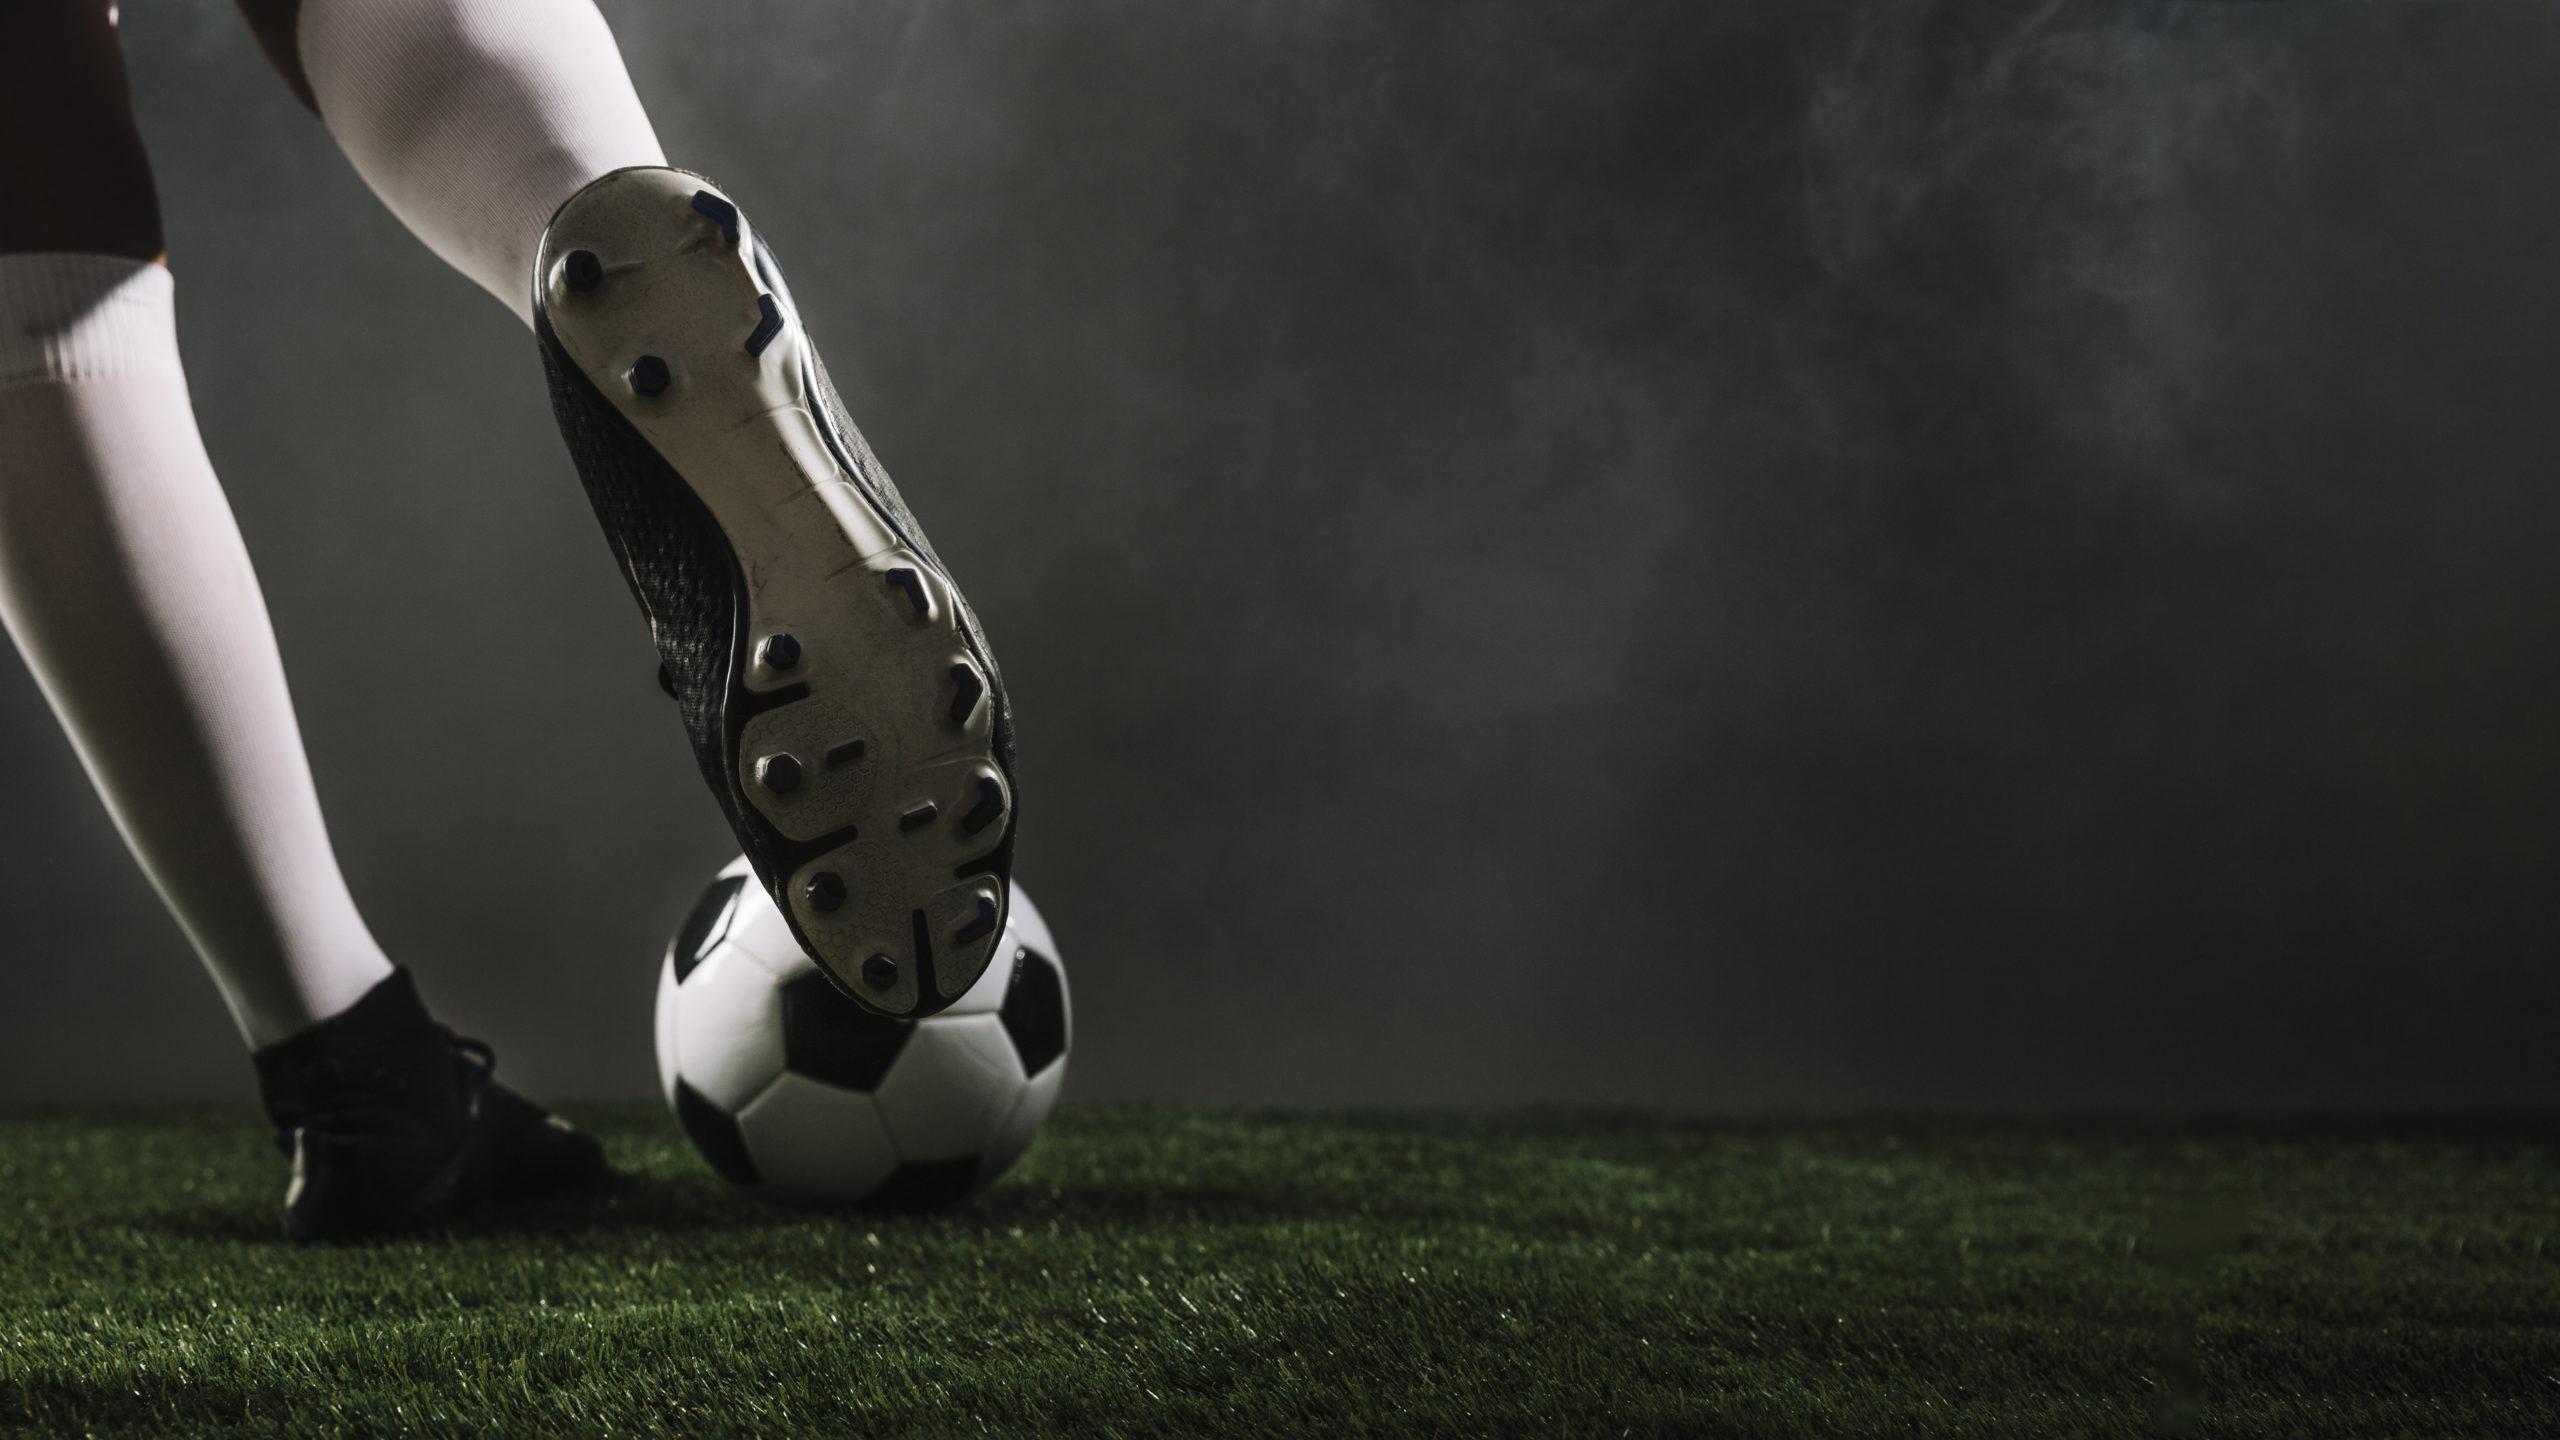 Préparation physique pratique et efficace pour le football